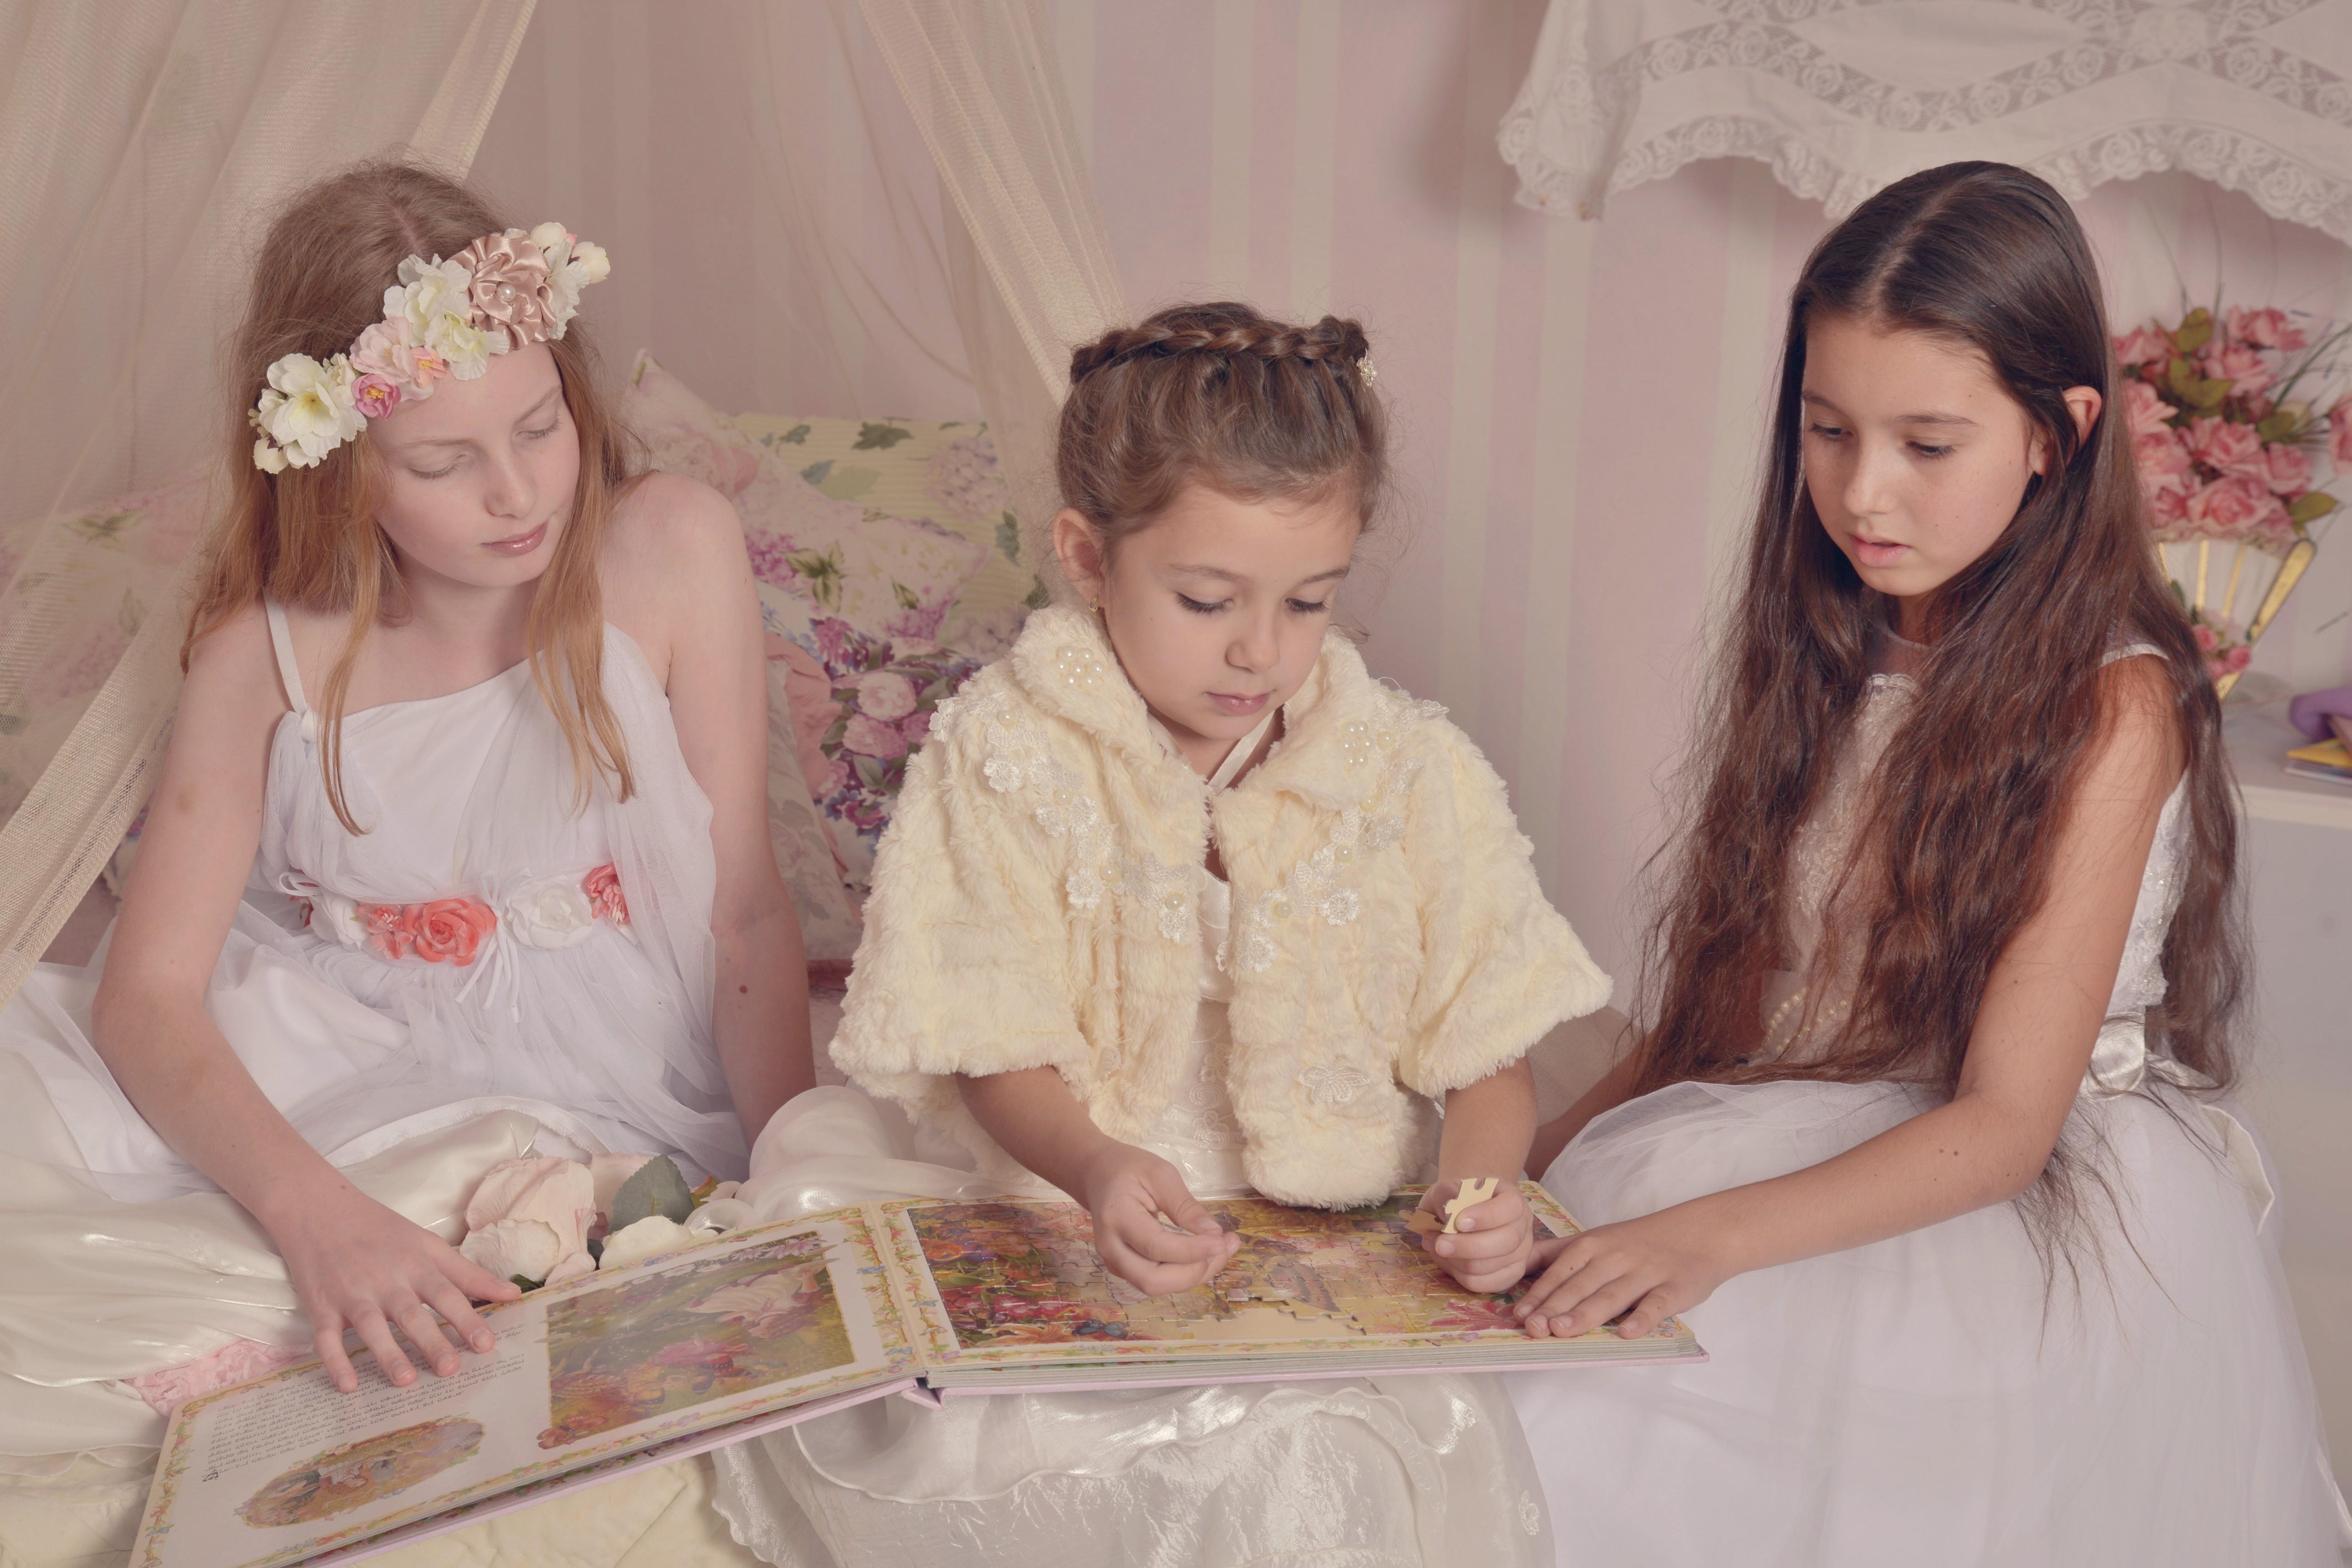 הפעלות ליום הולדת בנות, מקום ליום הולדת בכרמיאל,